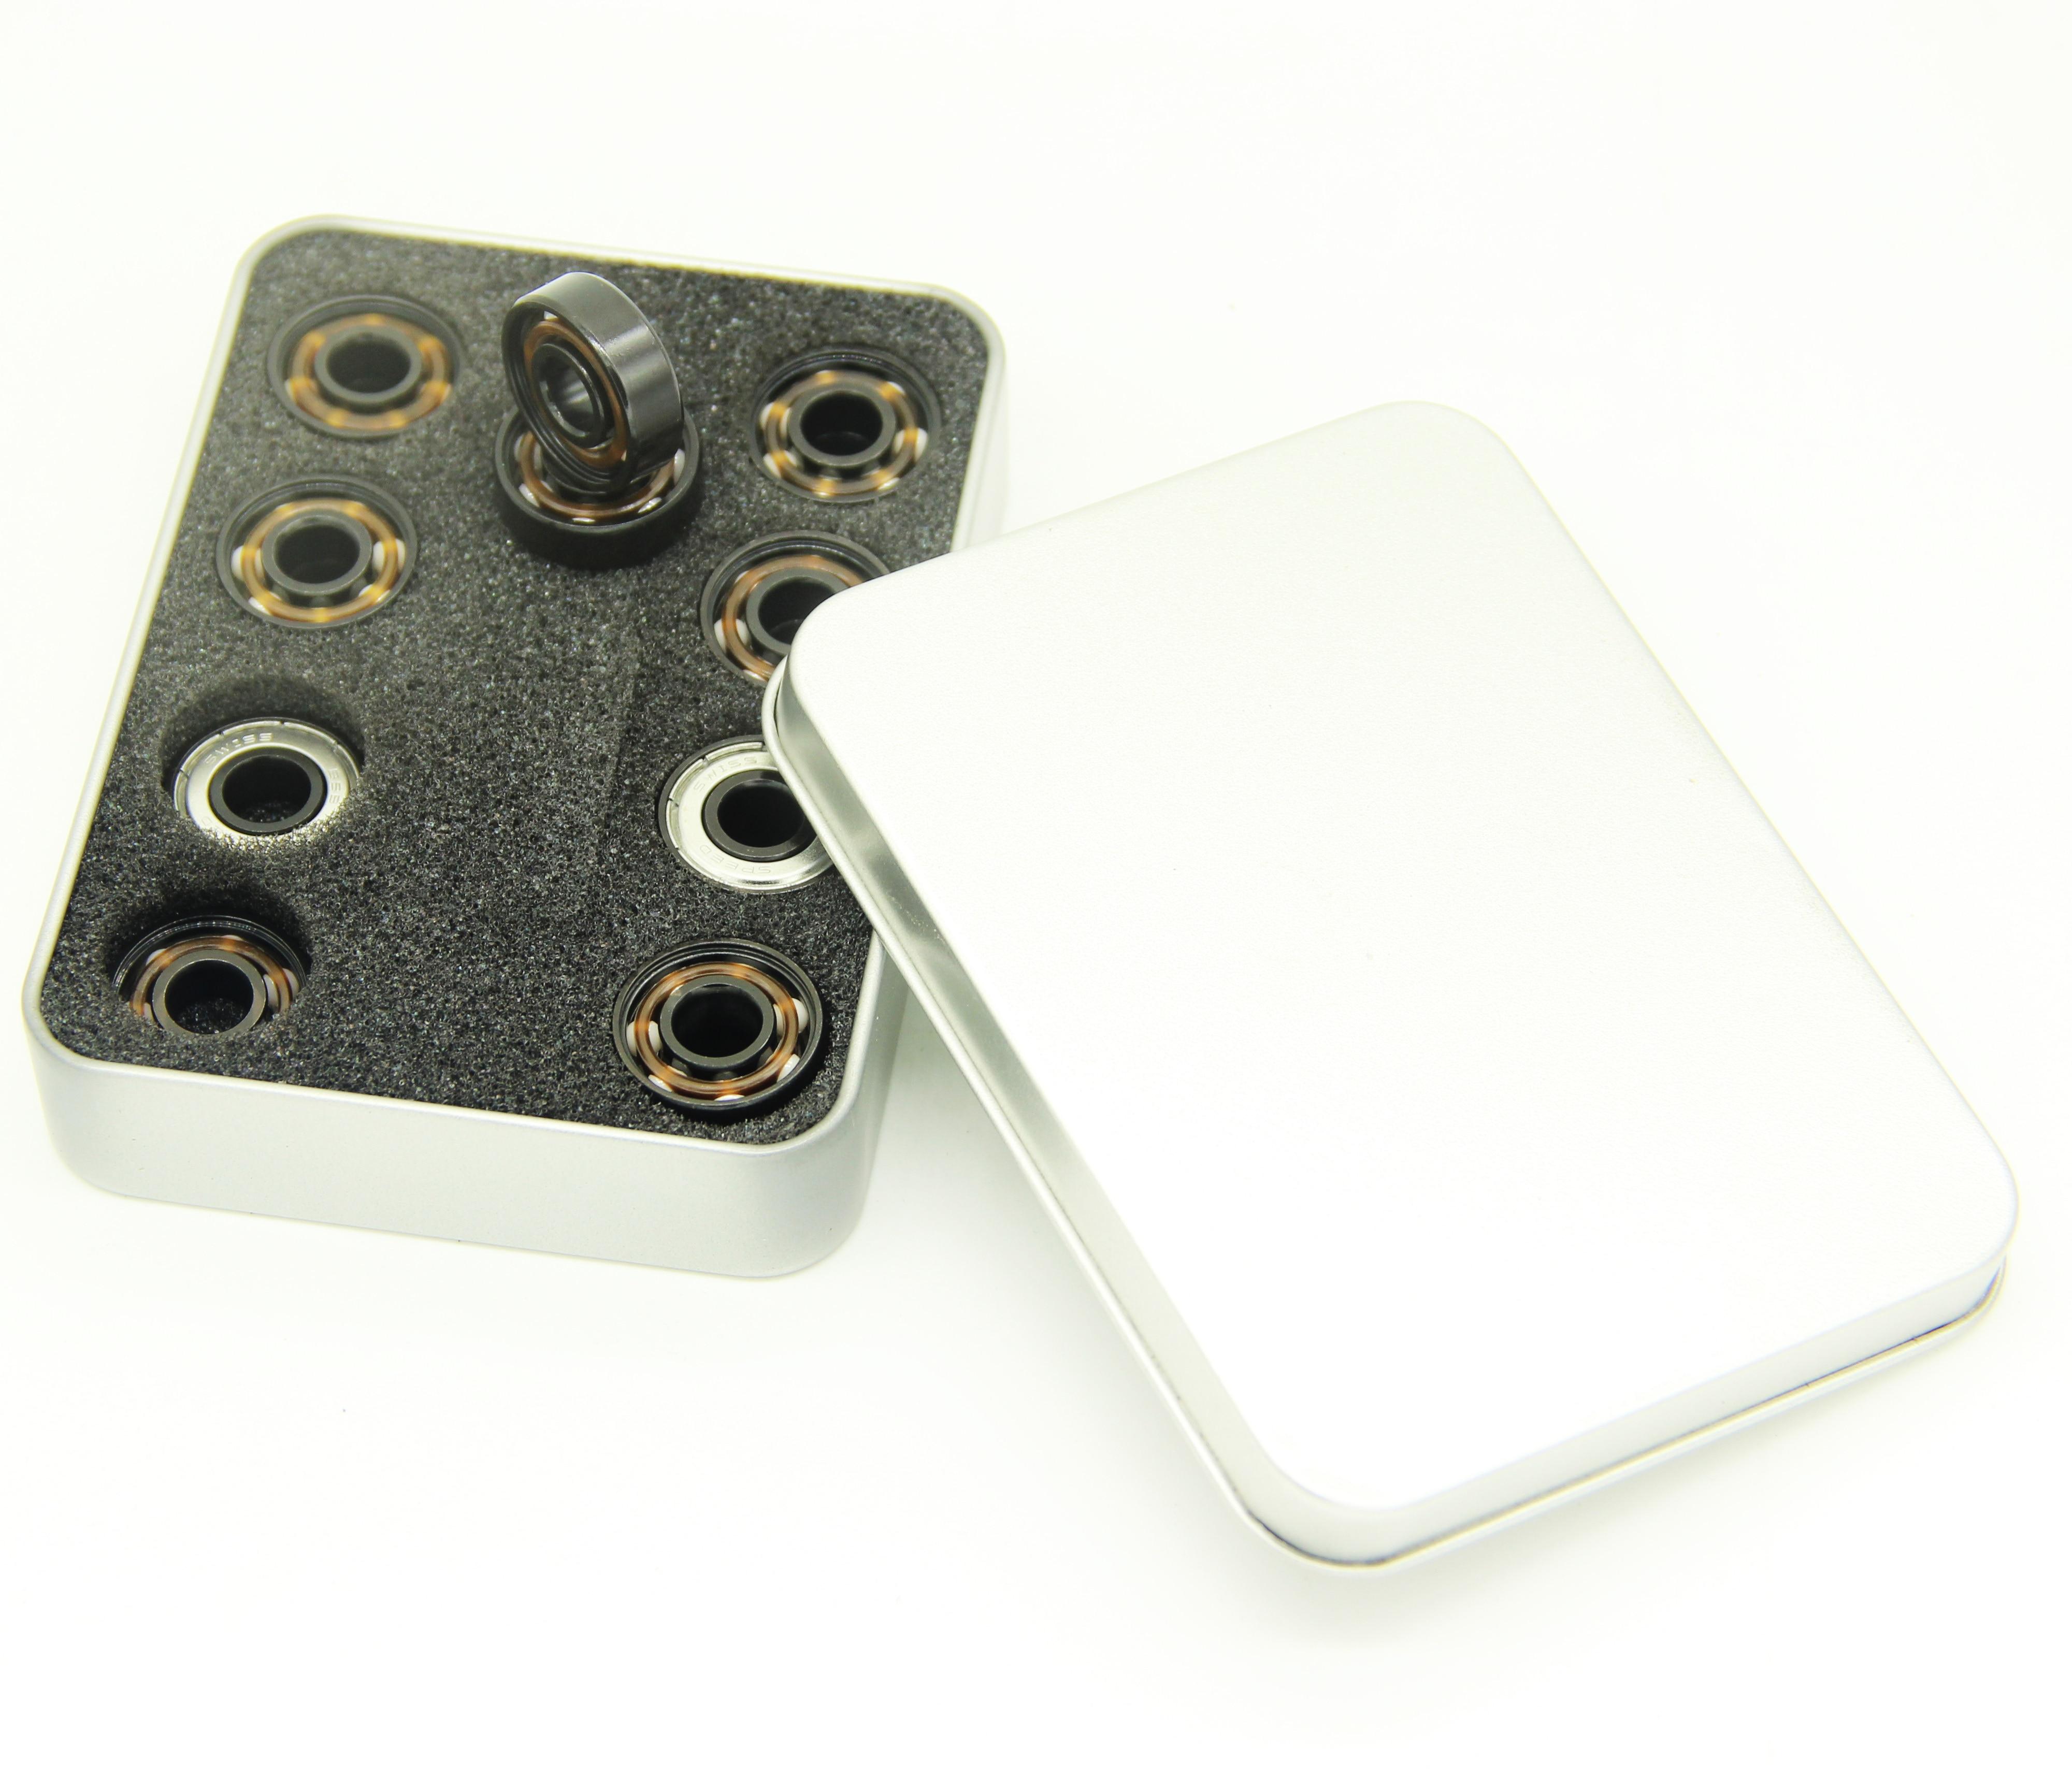 Free shipping 16pcs Ceramic inline speed skate bearings 608 8*22*7mm ABEC11 7 ball FreeLine Skate bearing inline roller wheels